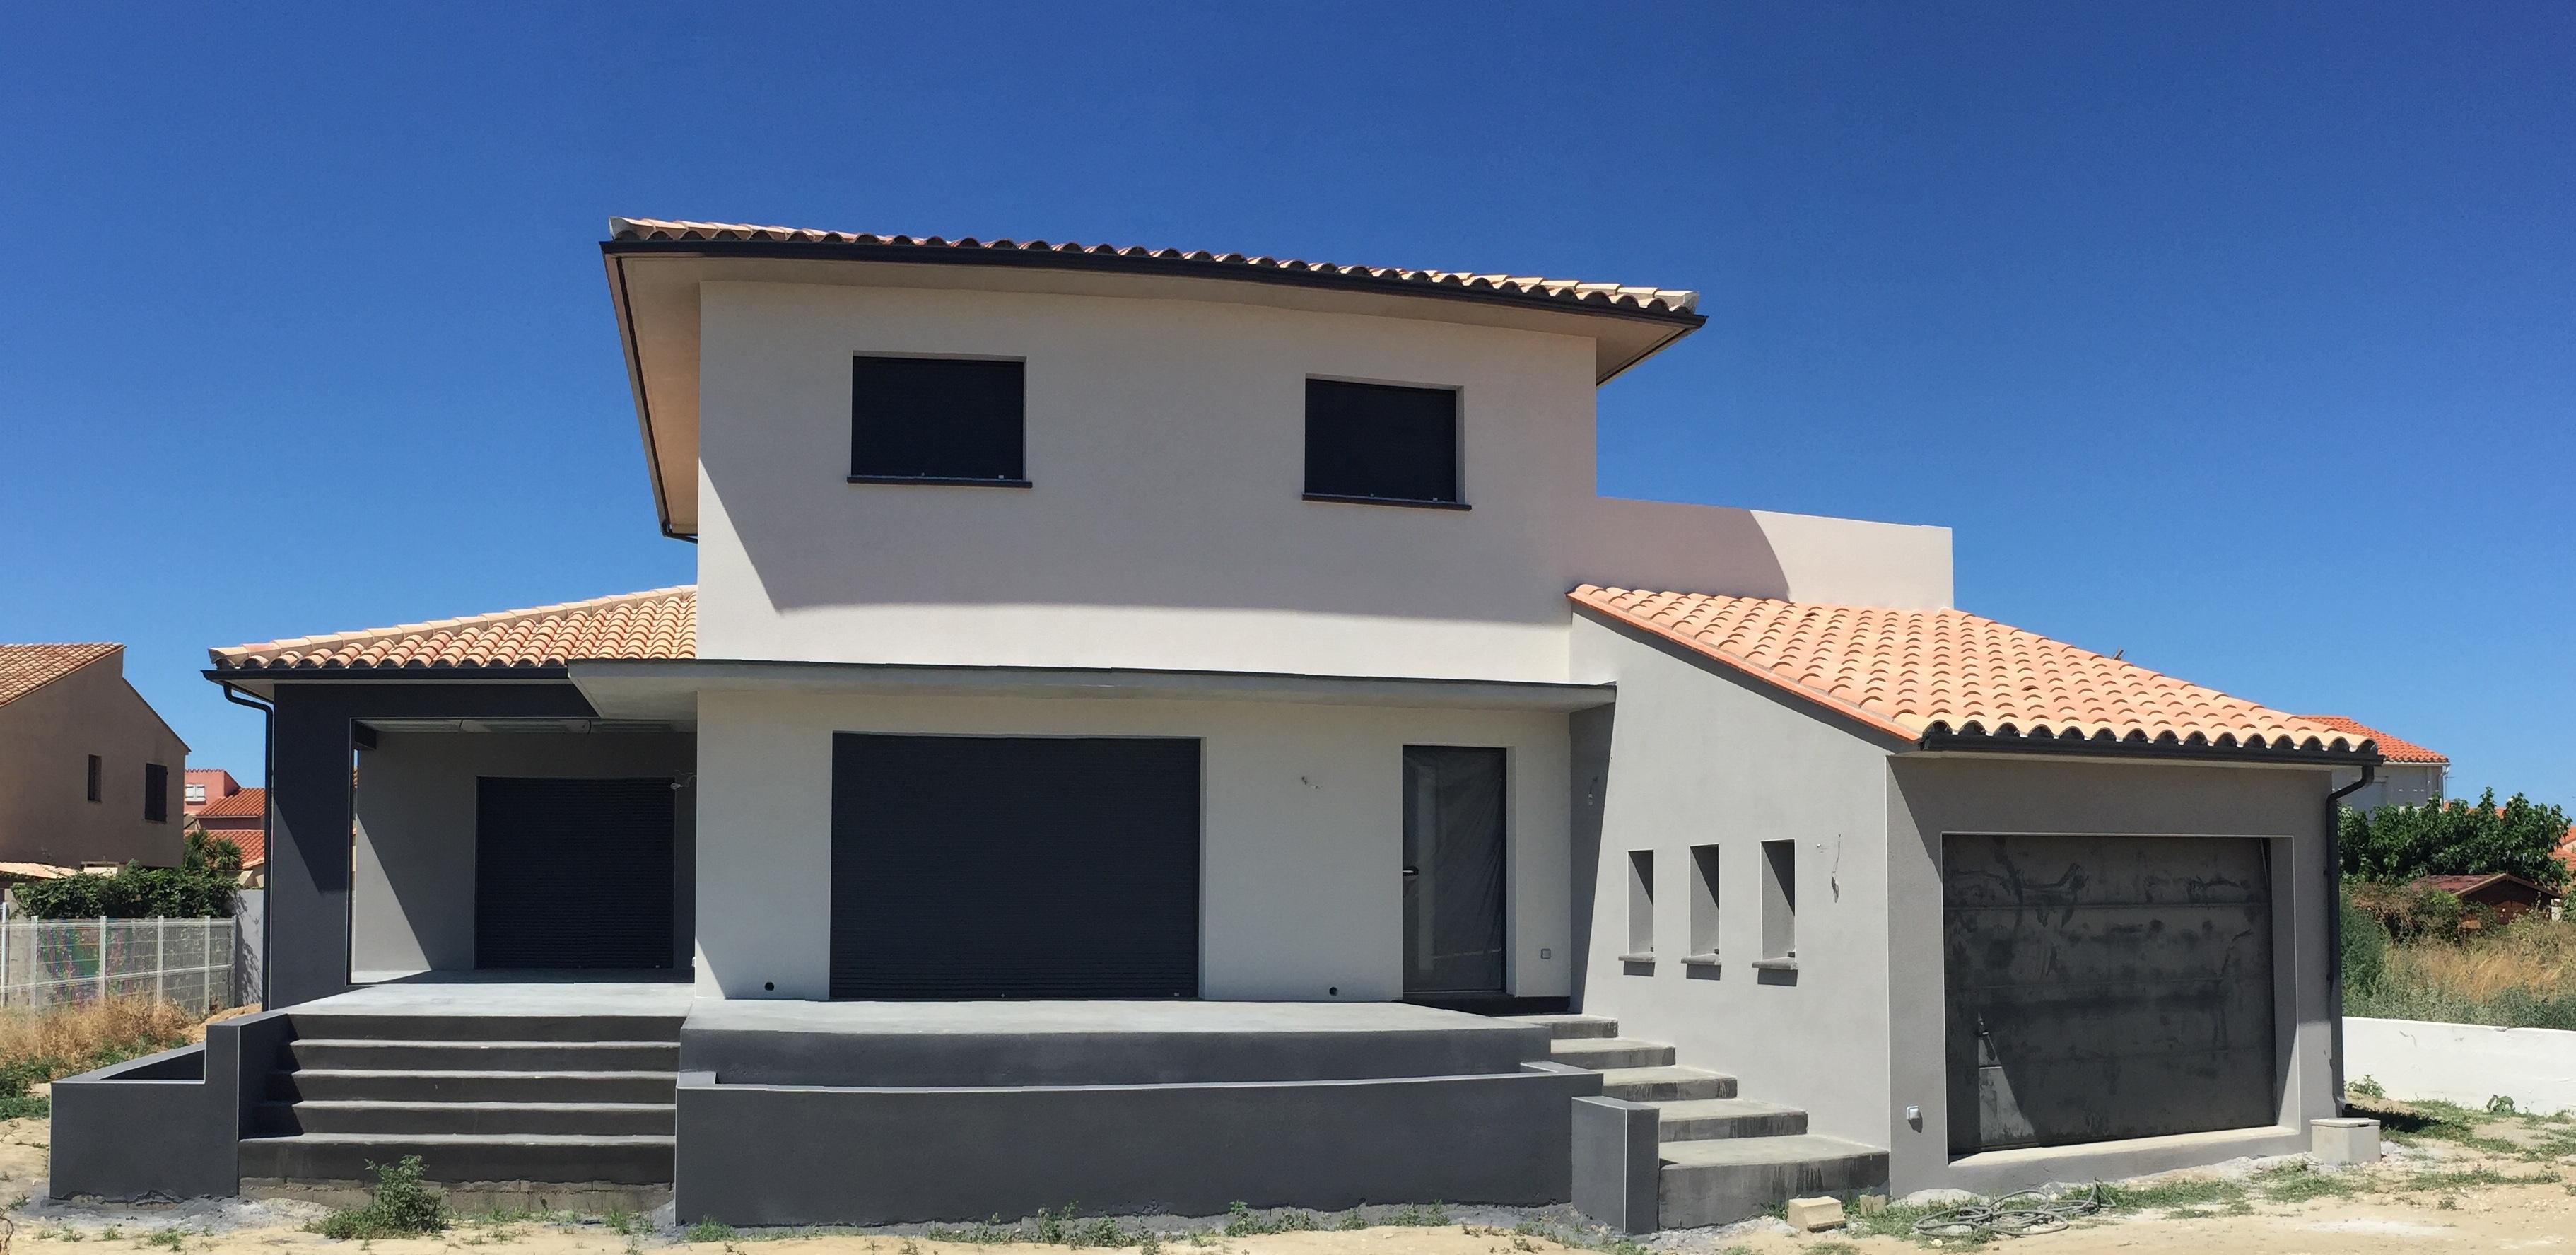 Constructeur de maisons et de villas pr s de perpignan for Constructeur de maison perpignan